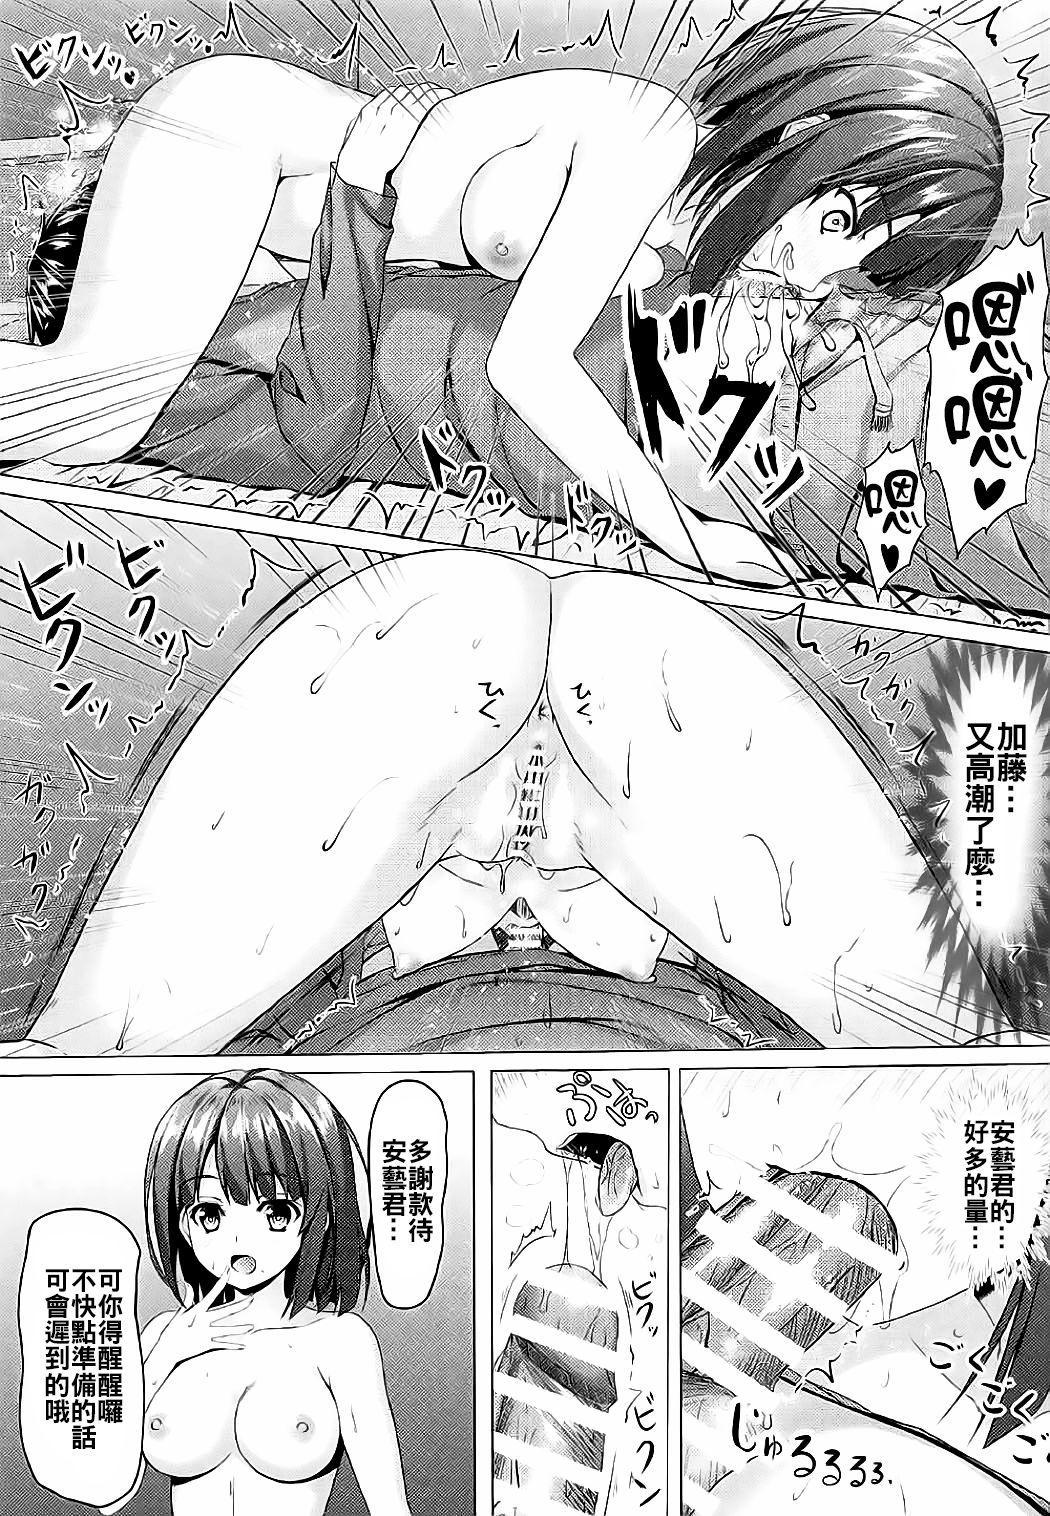 Saenai Main Heroine to no Sugoshikata 10